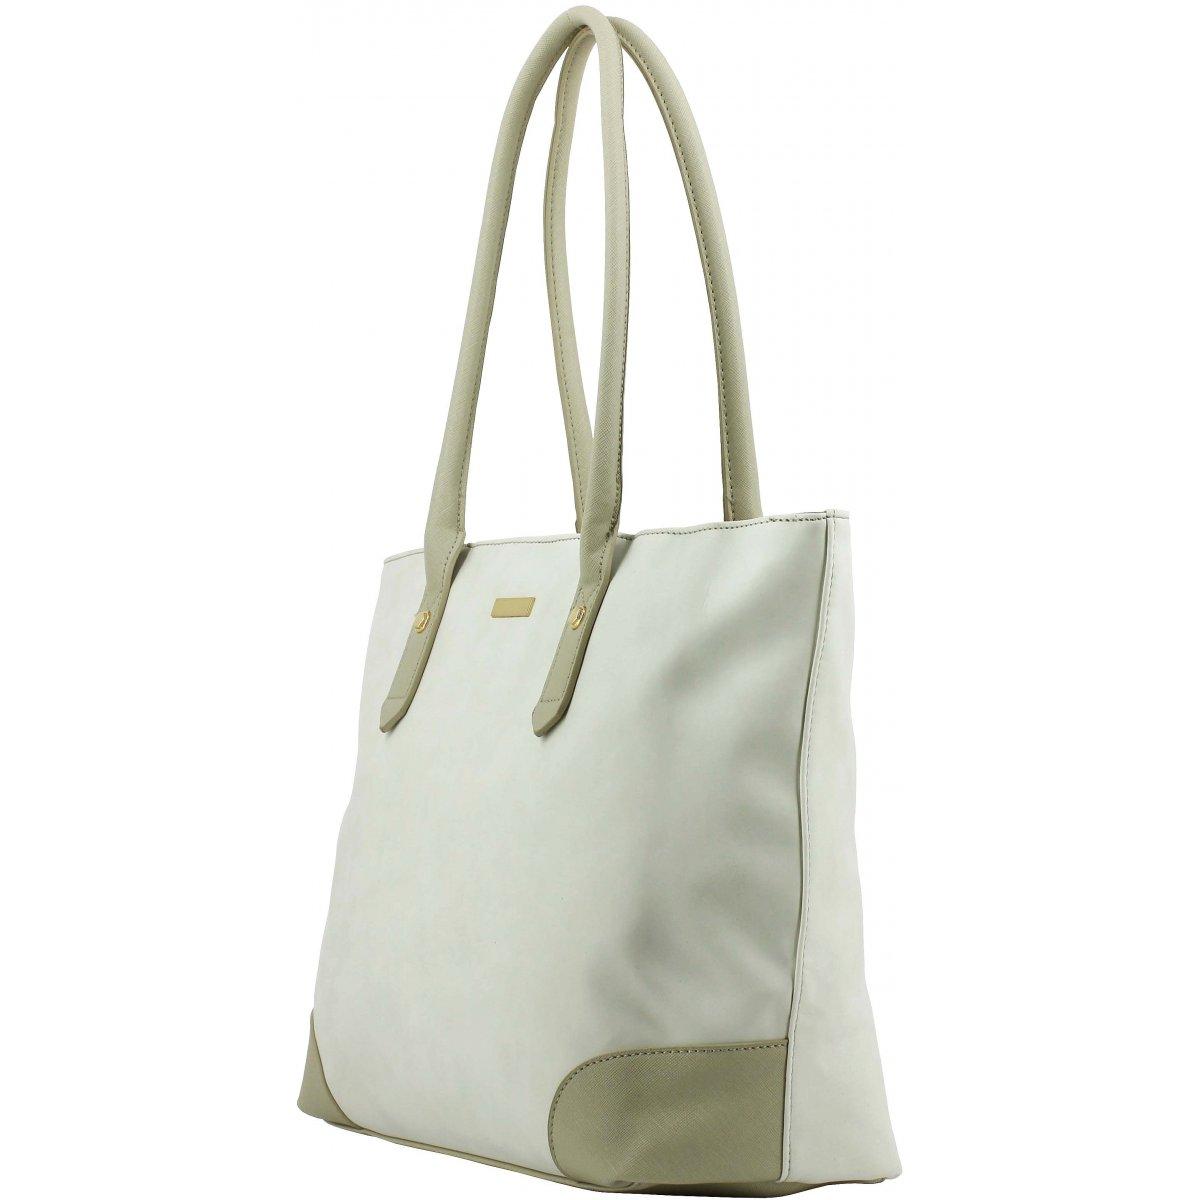 Sac main les sacs de krlot fkg51003 couleur principale white - Sac de ciment pas cher ...